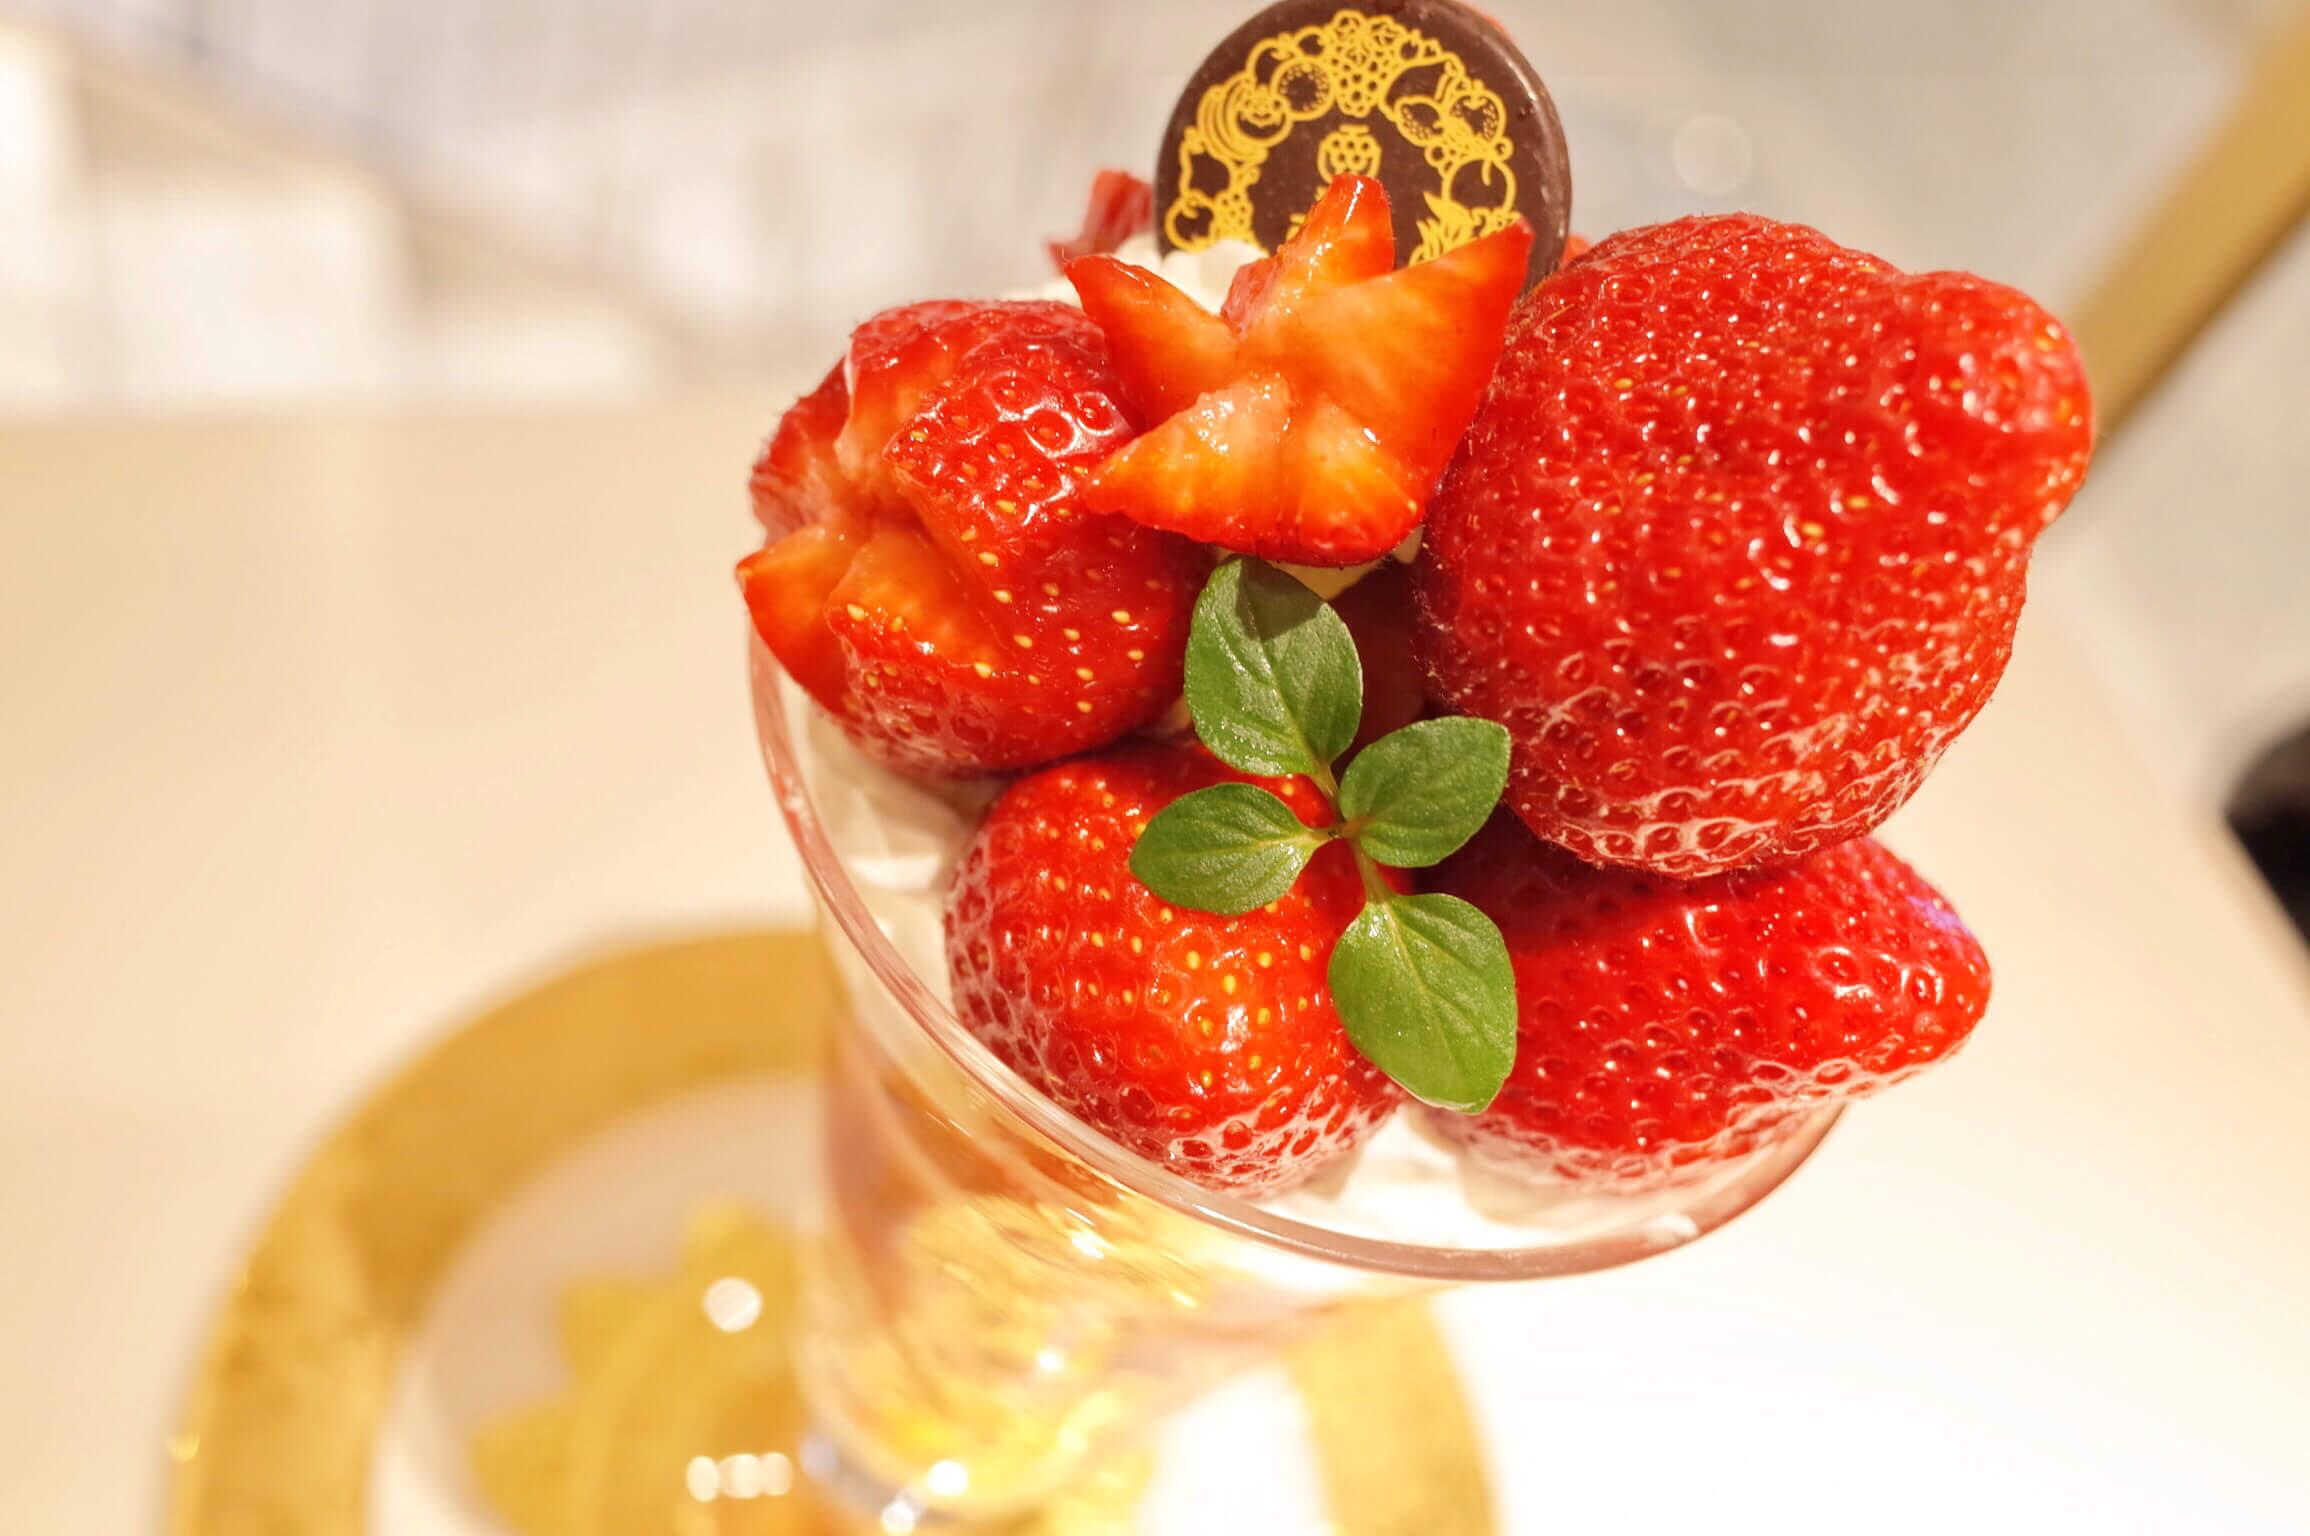 渋谷 西村フルーツパーラー | 苺好きは食べないと絶対に後悔するぞ!金色に輝く特選あまおう苺パフェ!